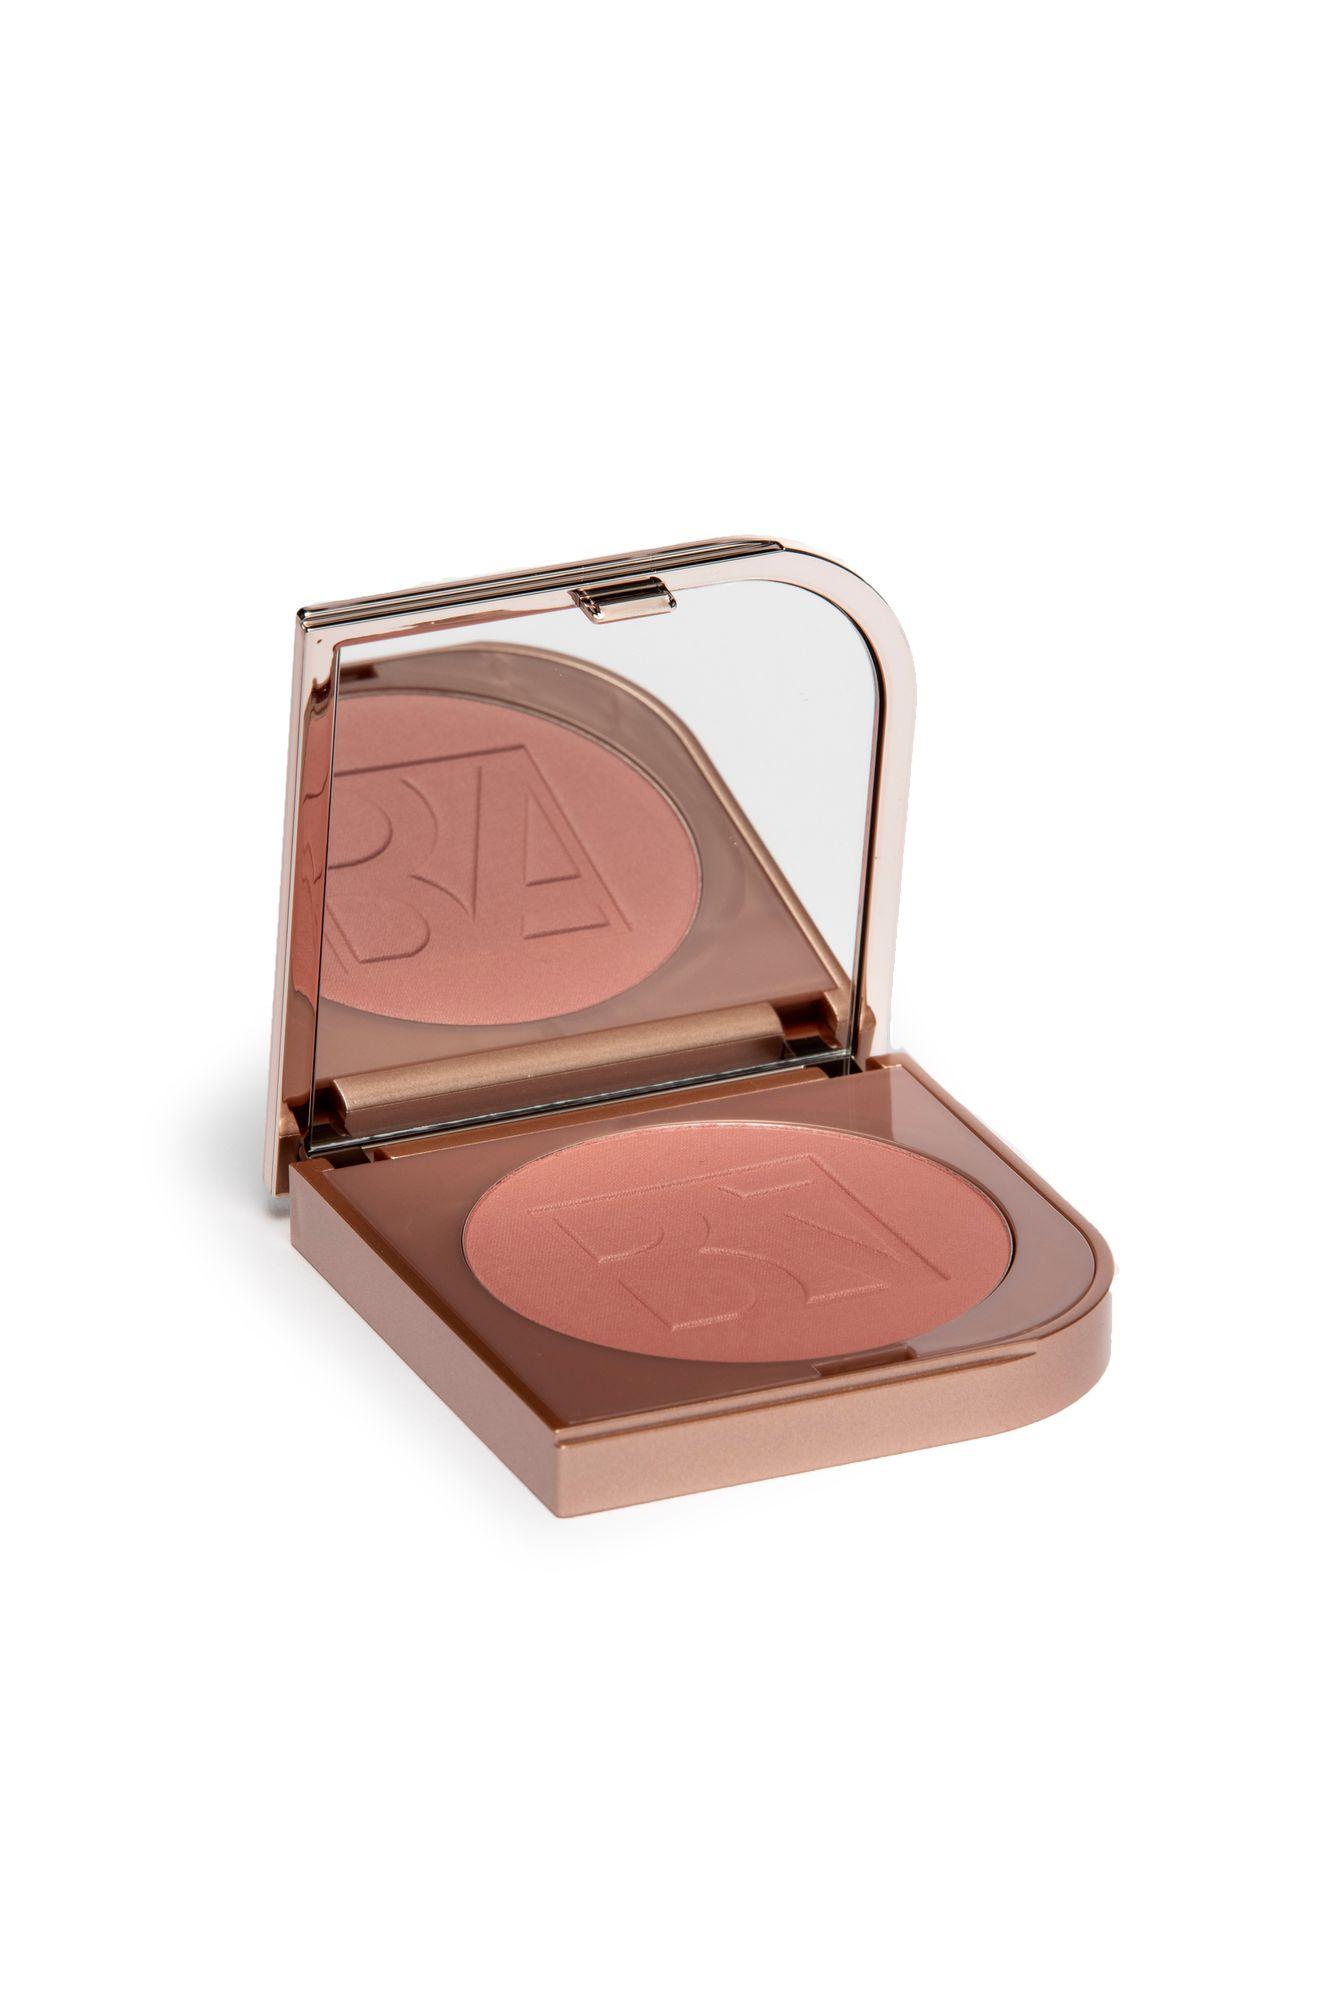 Pehmeää hehkua poskiin tuo BeautyAct by Kicksin Silky soft blush -puna. 17,90 €.